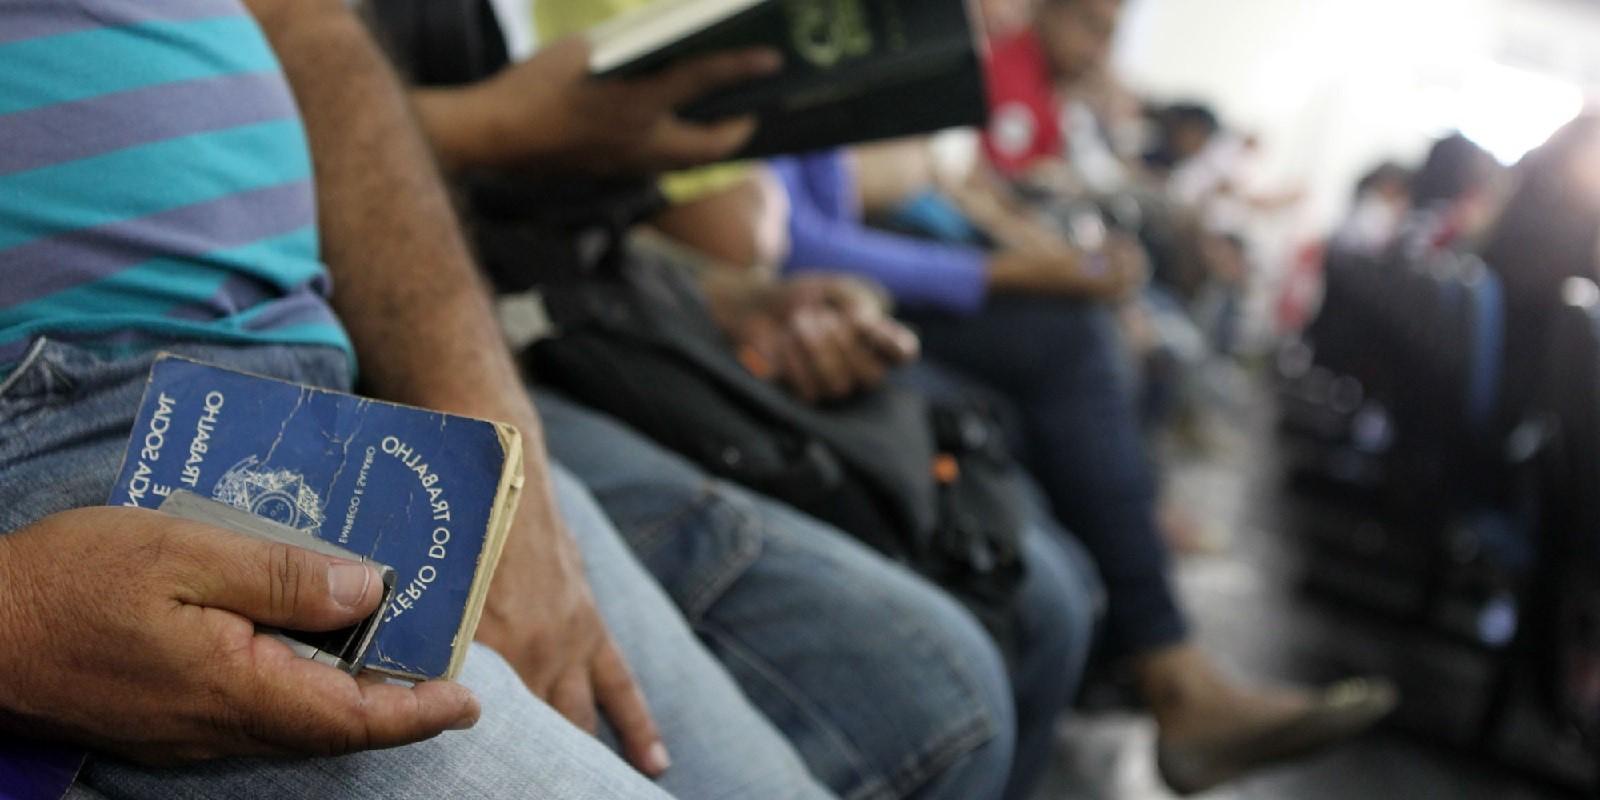 Desemprego sobe para 12,4% em fevereiro, diz IBGE